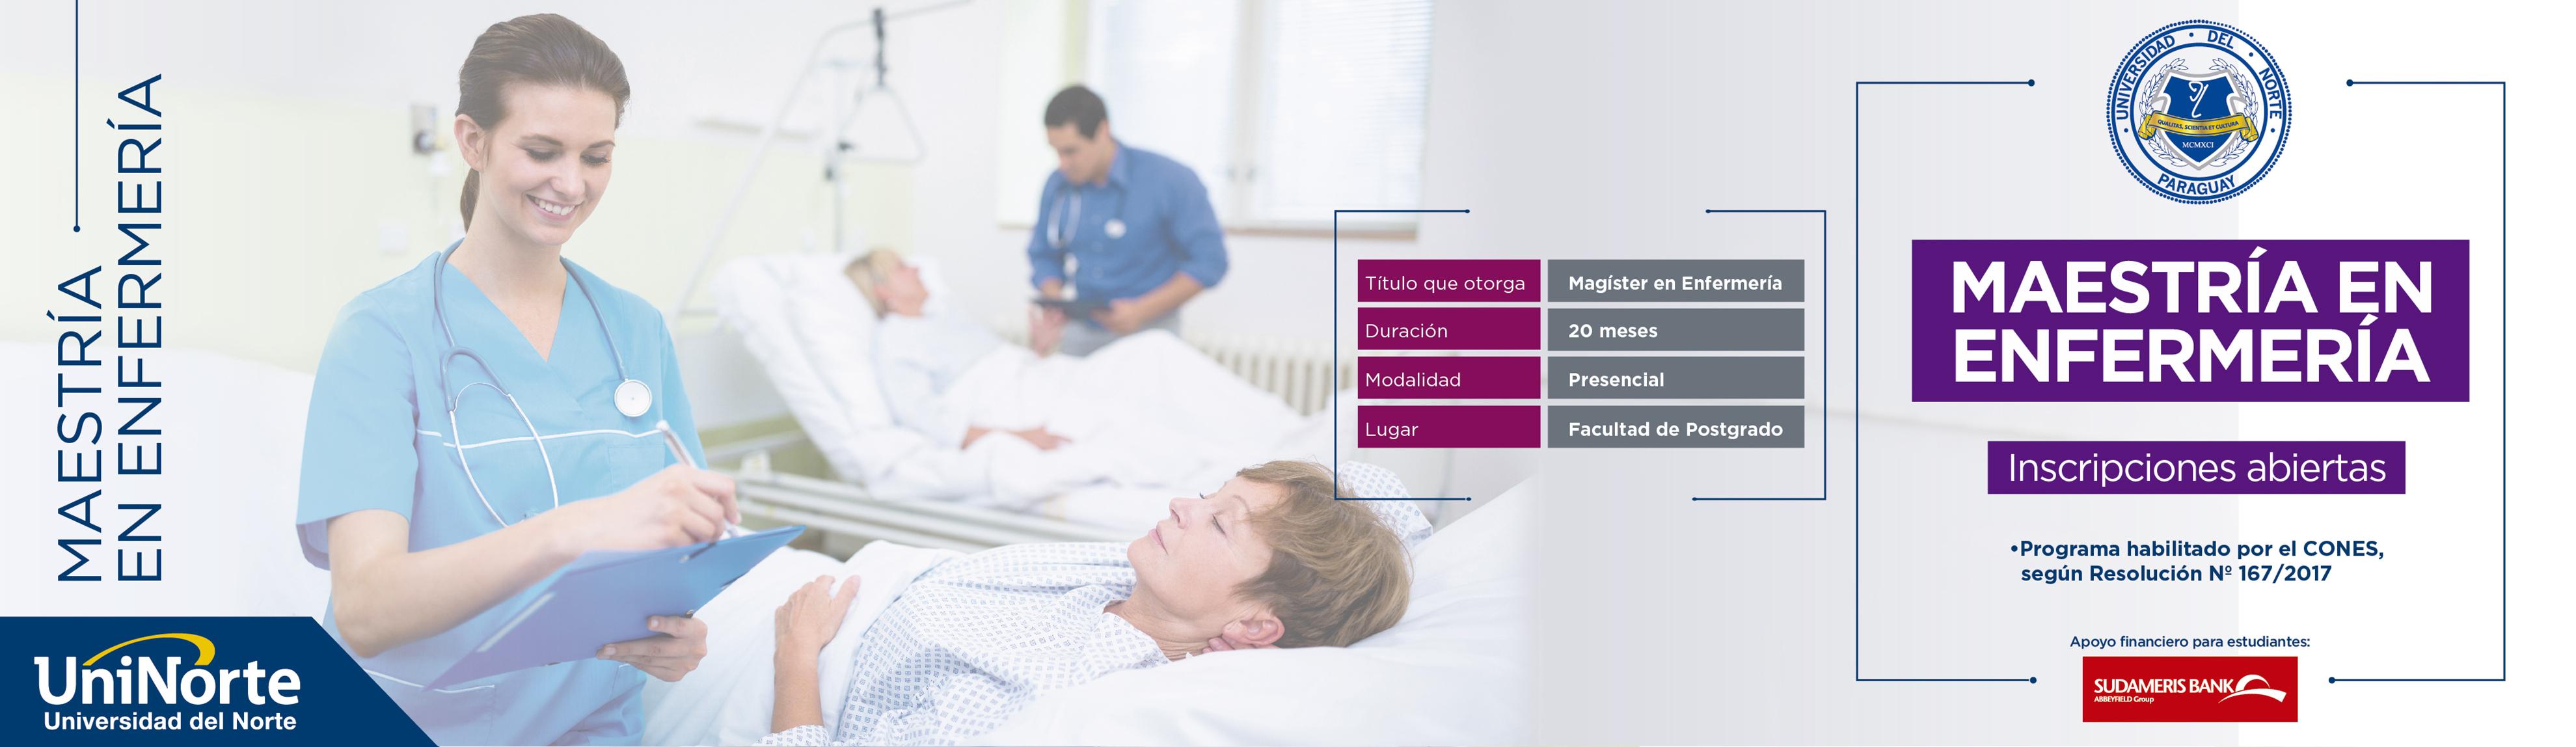 maestría en enfermería